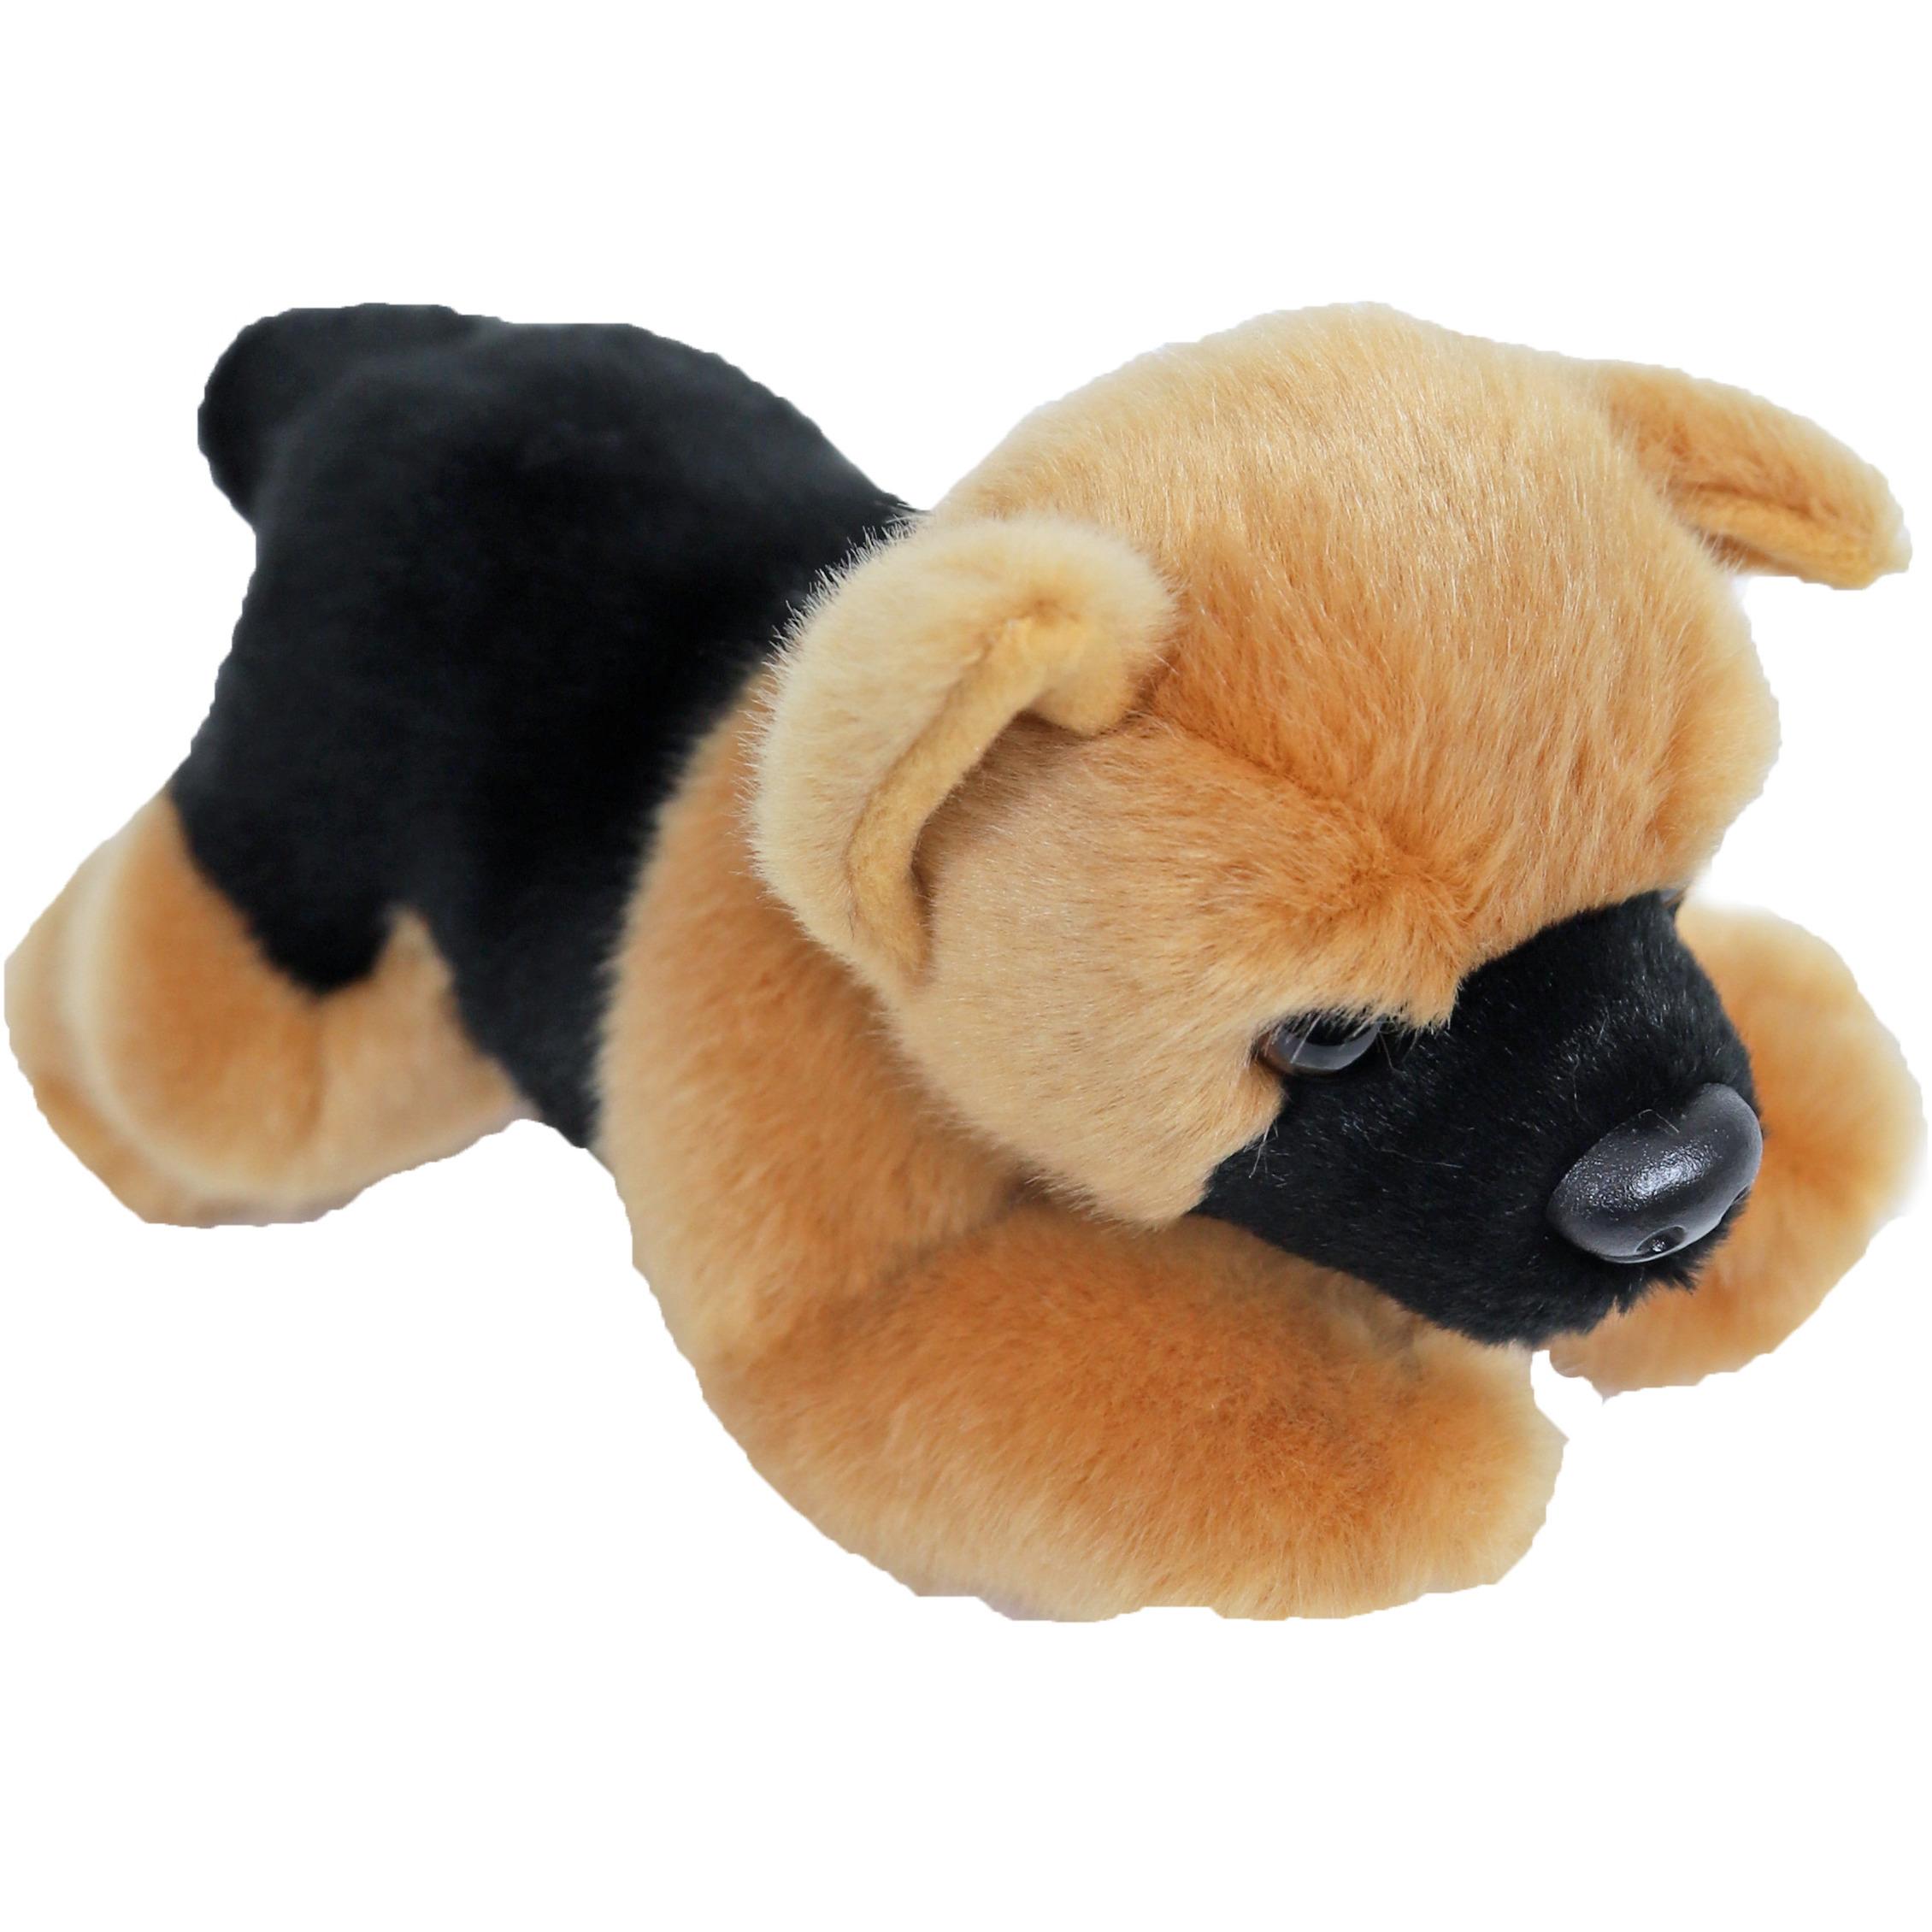 Honden speelgoed artikelen Duitse Herder knuffelbeest bruin/zwart 20 cm